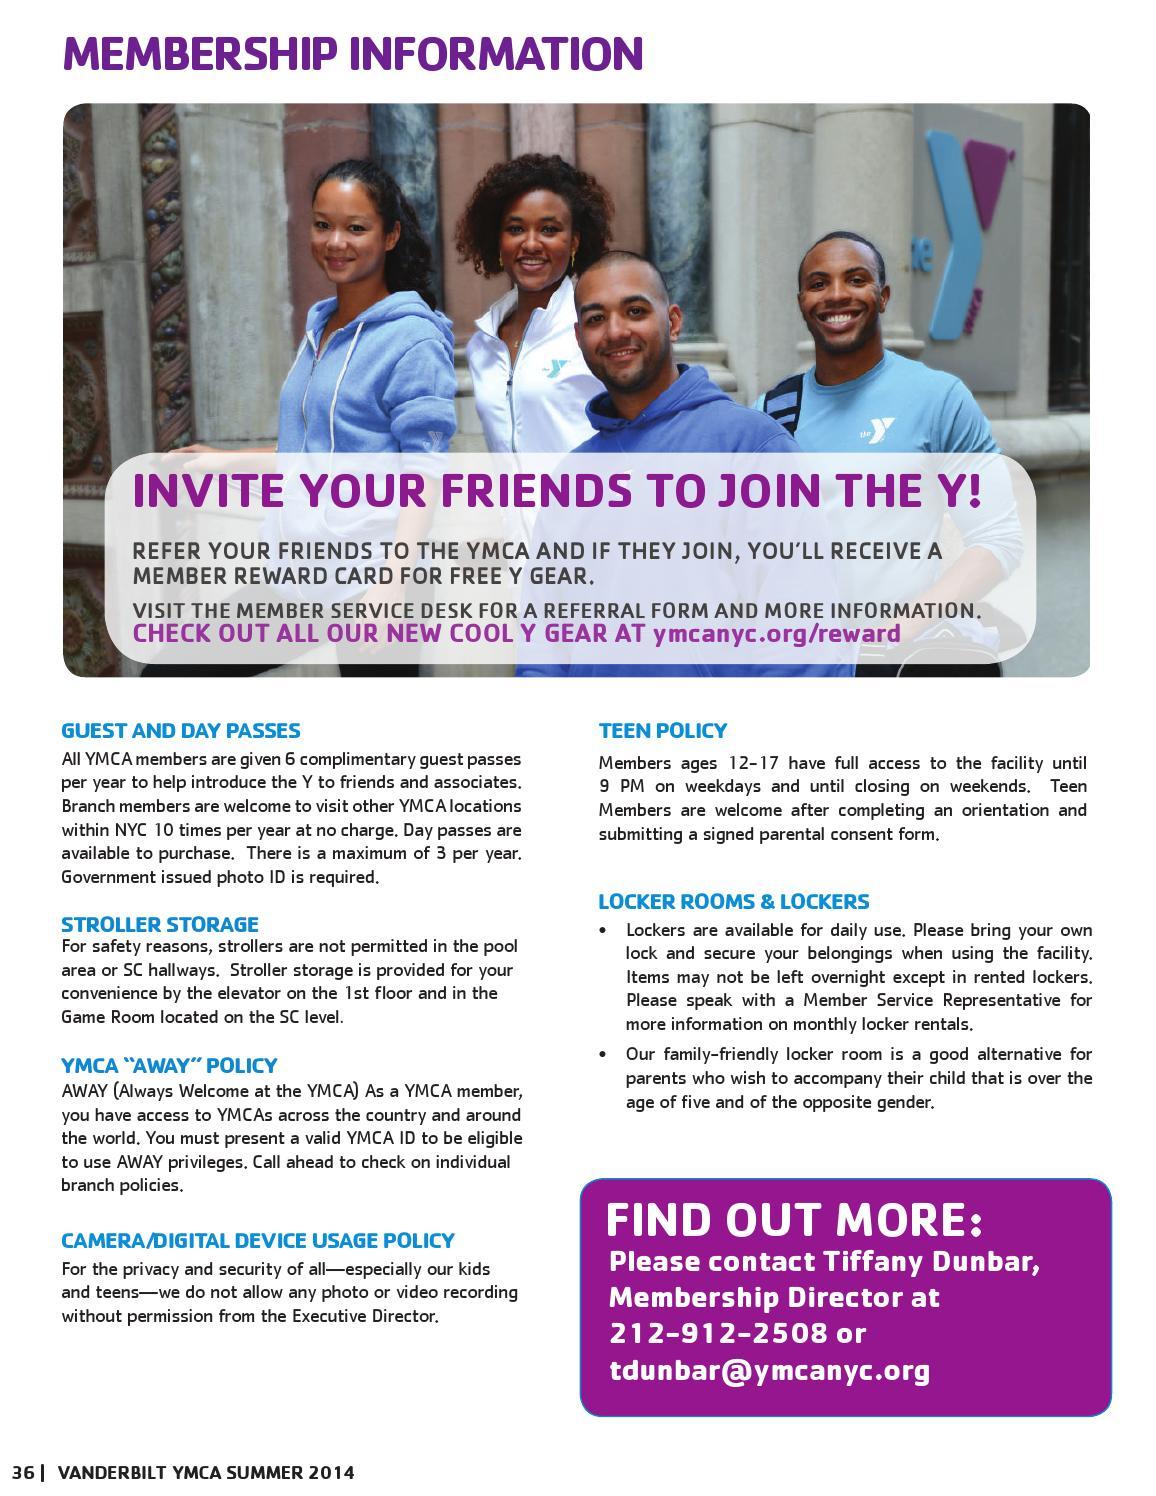 Vanderbilt Summer 2014 Program Guide by New York City's YMCA